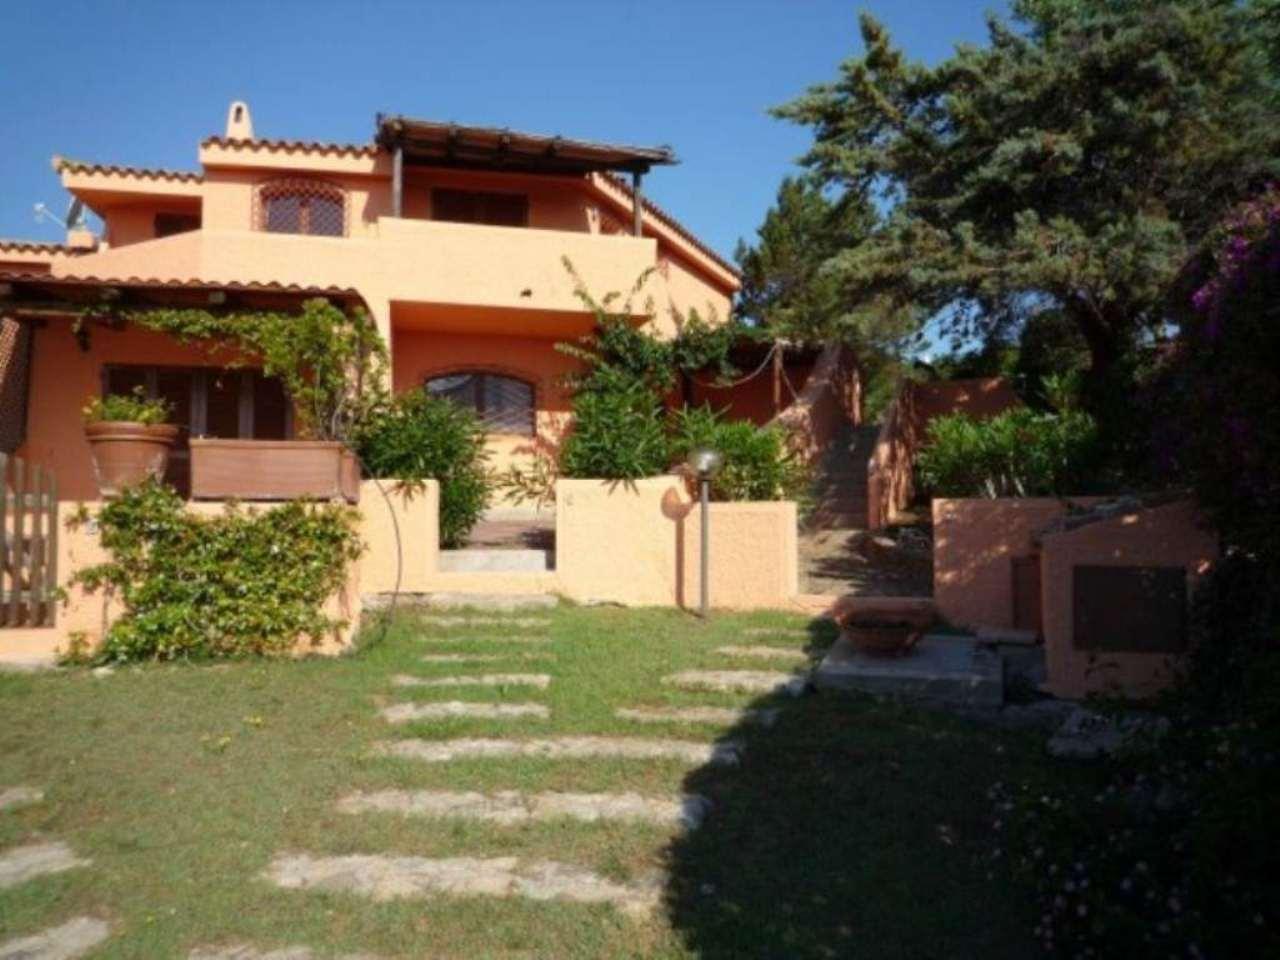 Appartamento in affitto a Palau, 3 locali, prezzo € 1.000 | Cambio Casa.it